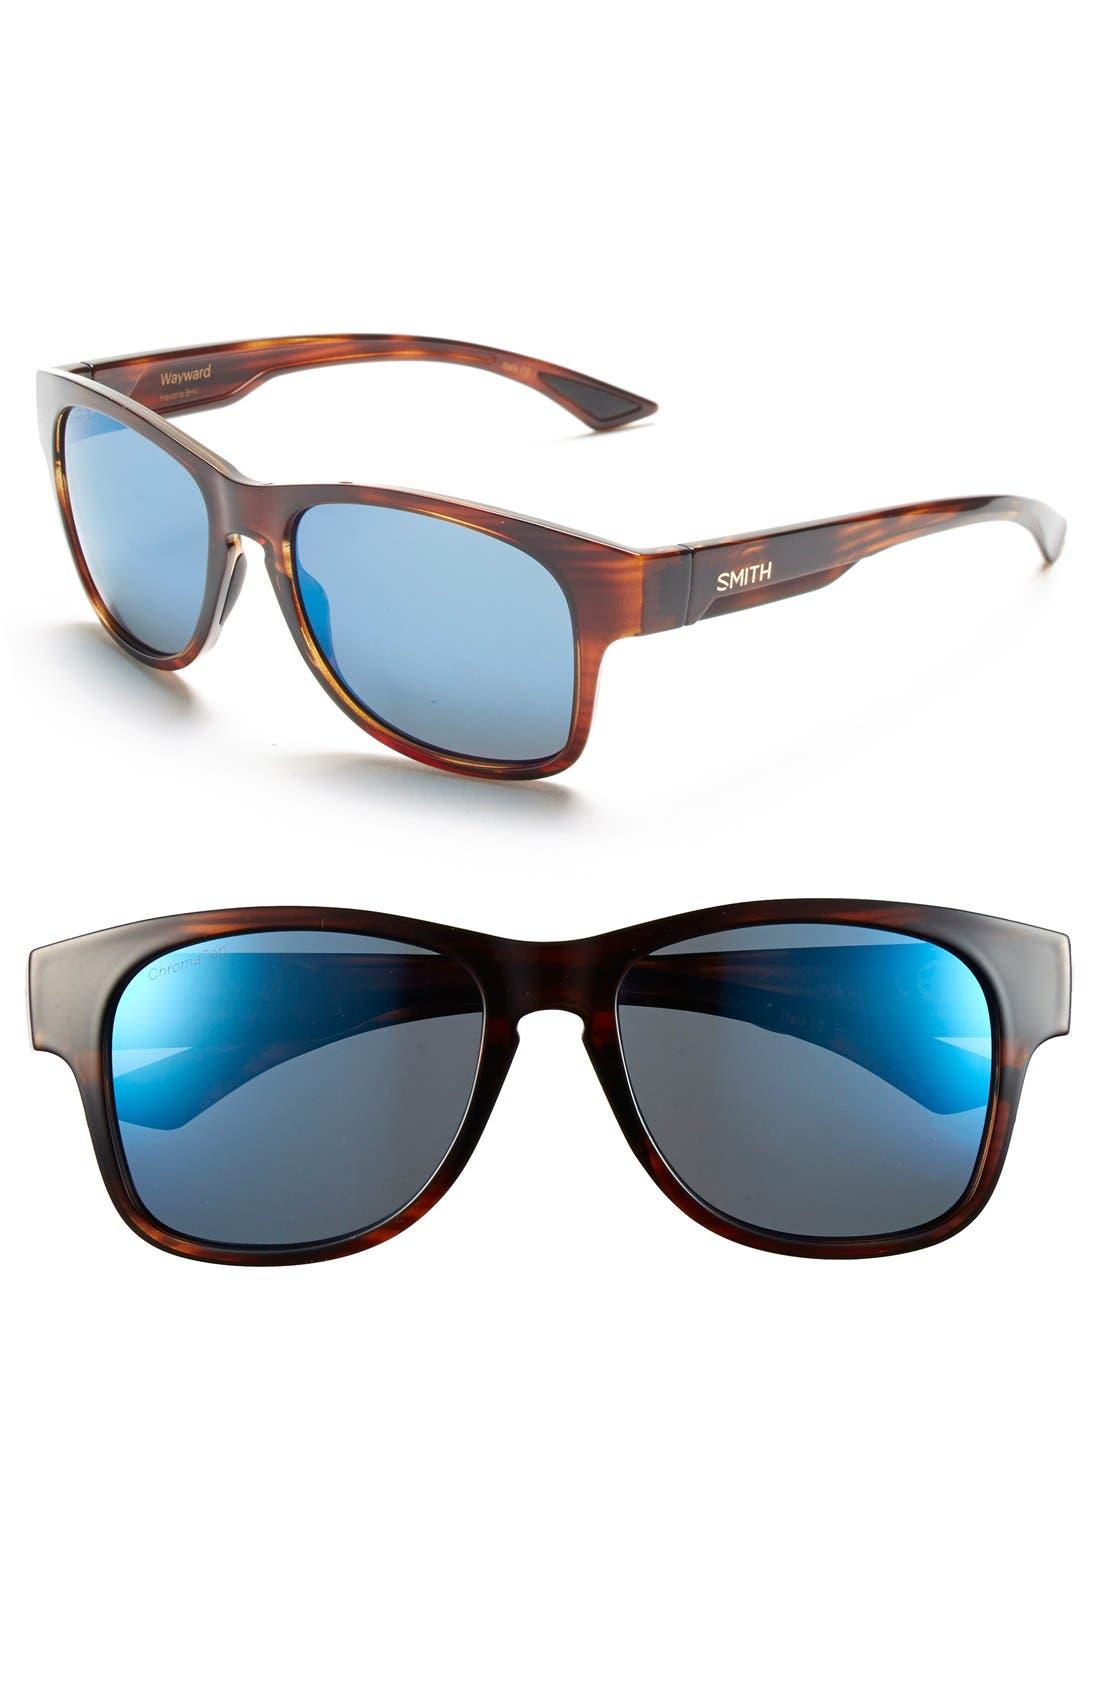 Alternate Image 1 Selected - Smith 'Wayward' 54mm Polarized Sunglasses